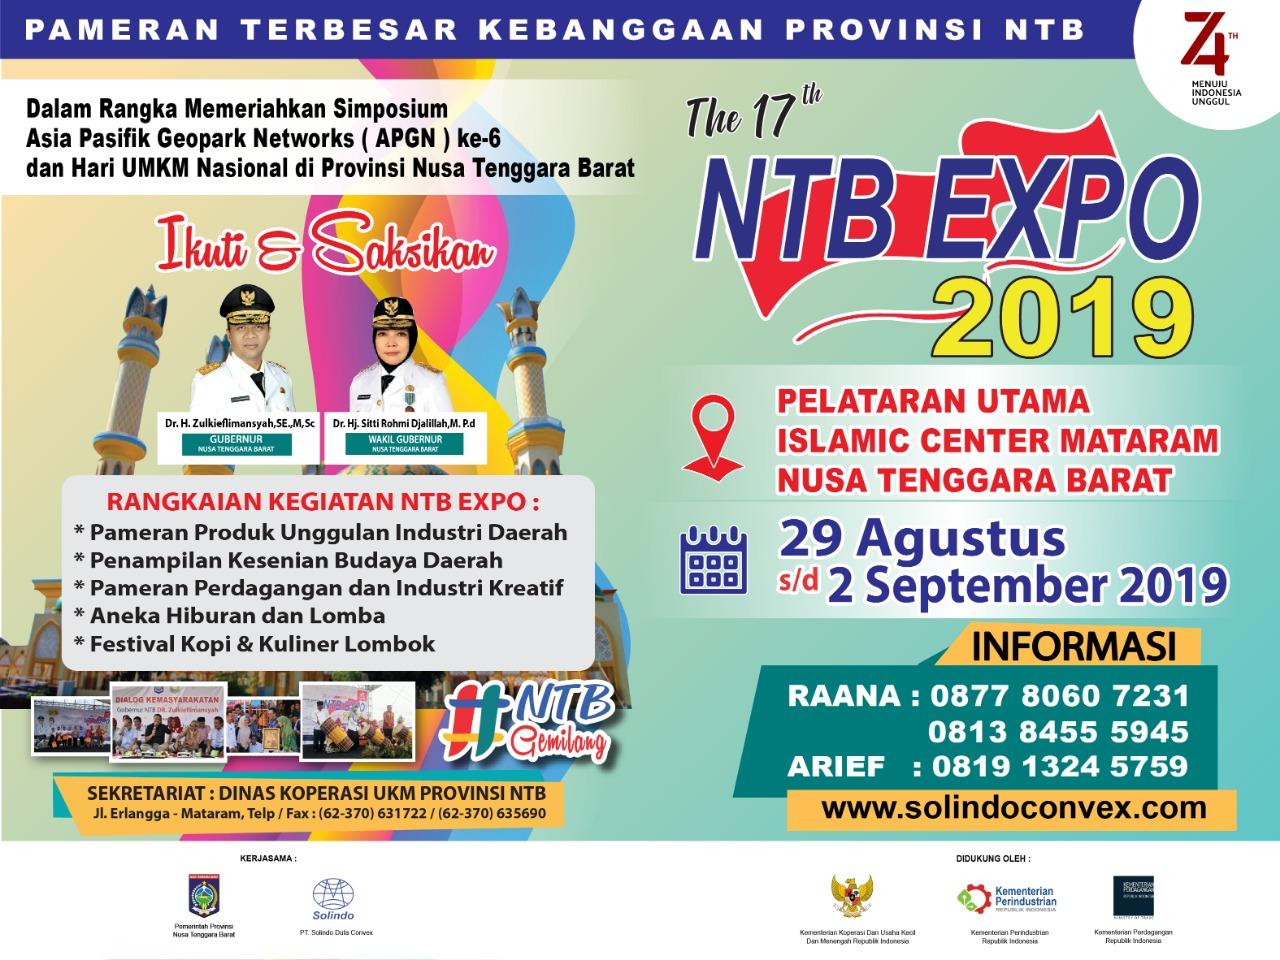 BALIHO NTB EXPO 2019